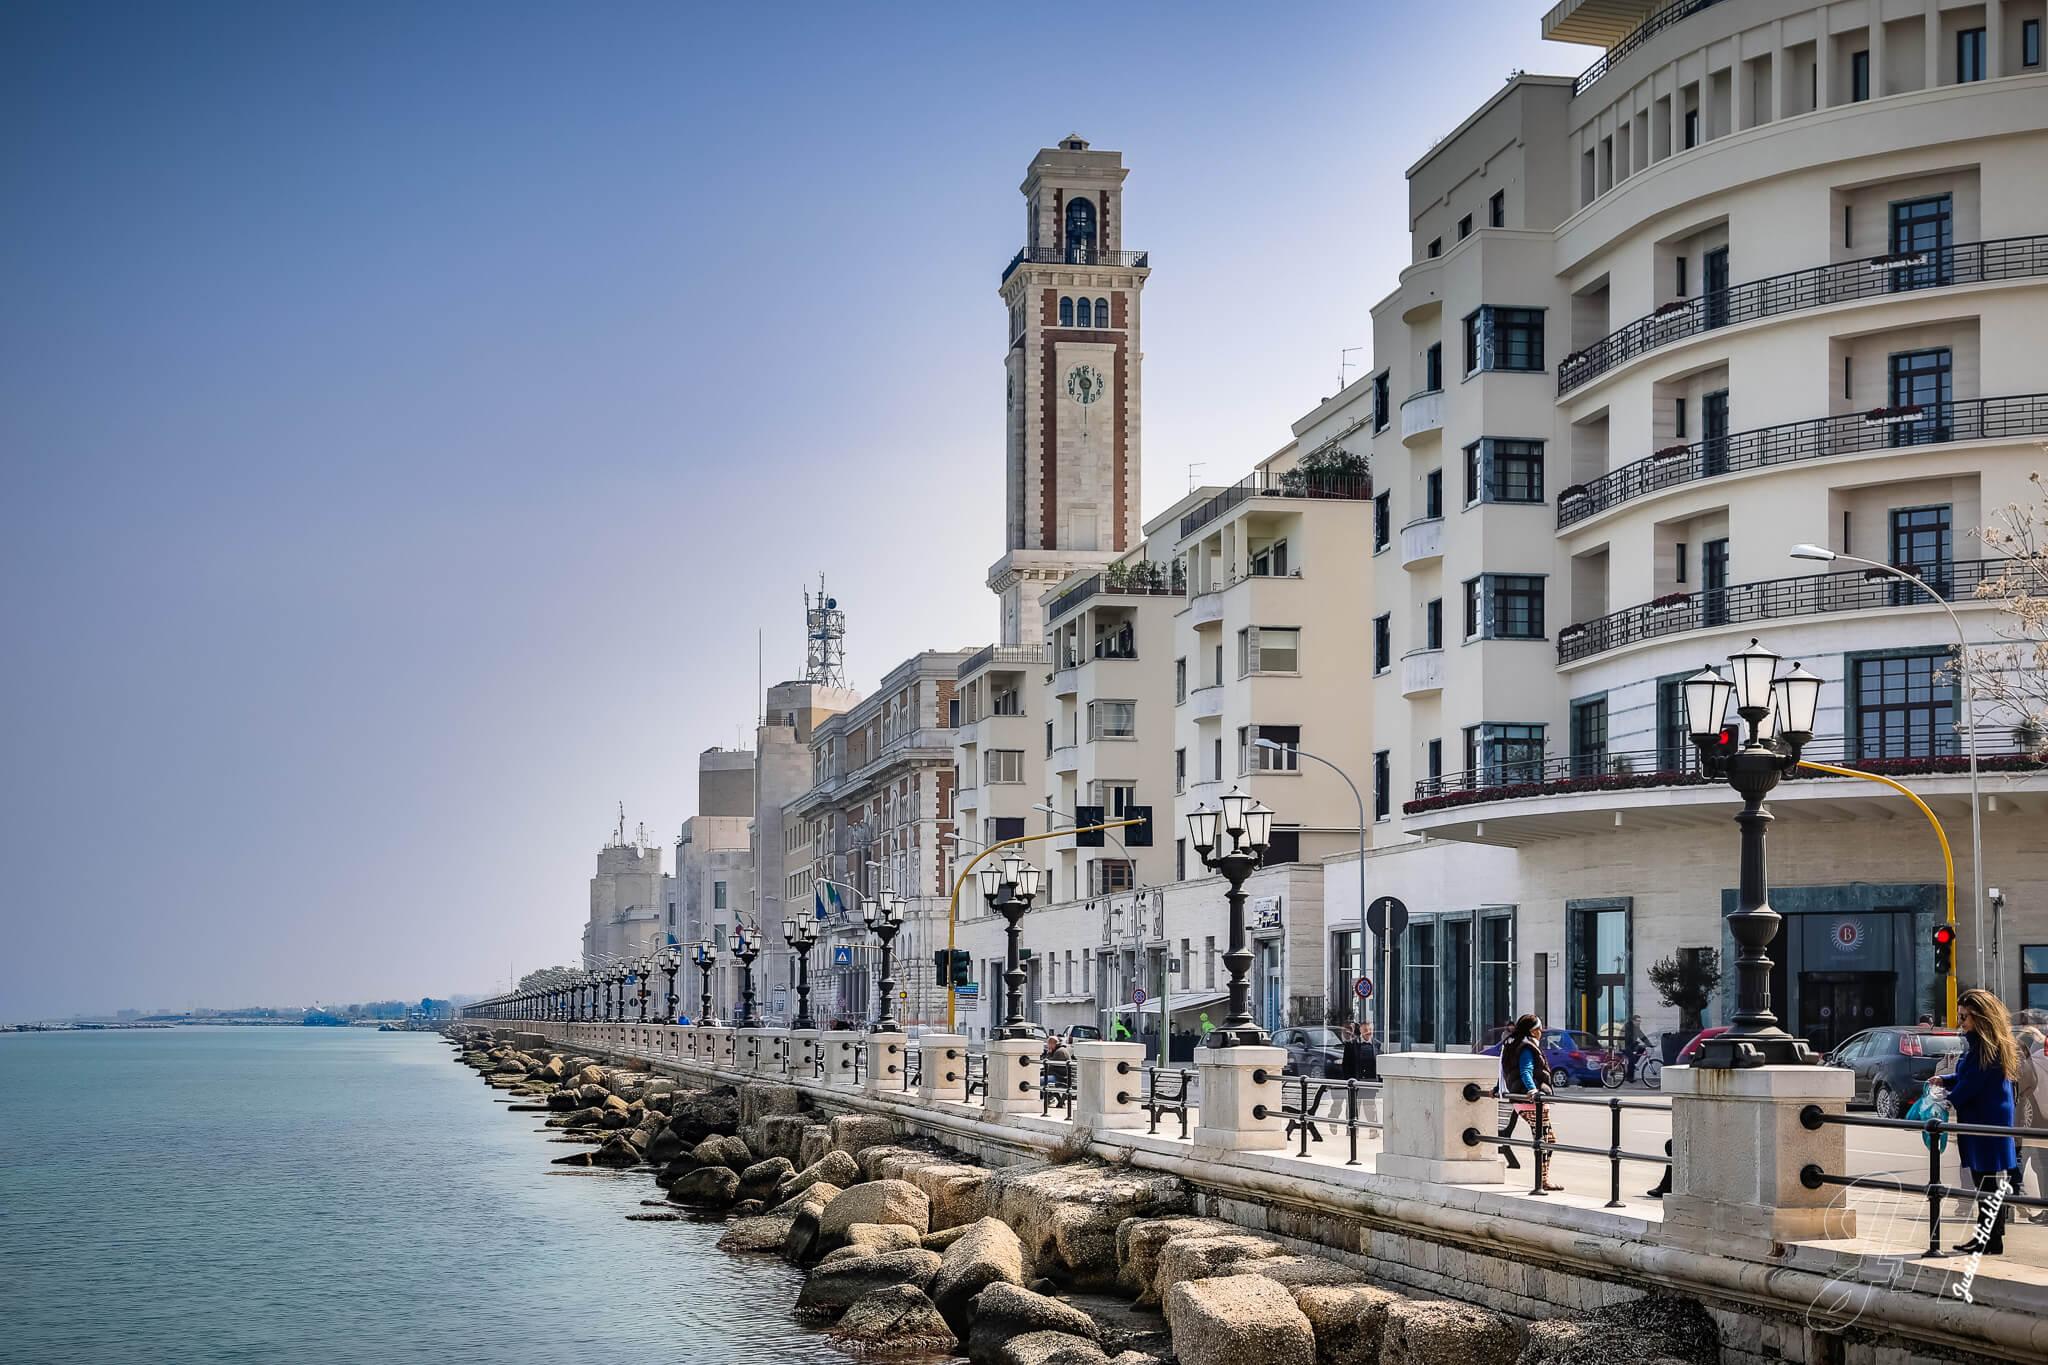 2014-03-15-Bari-Esplanade